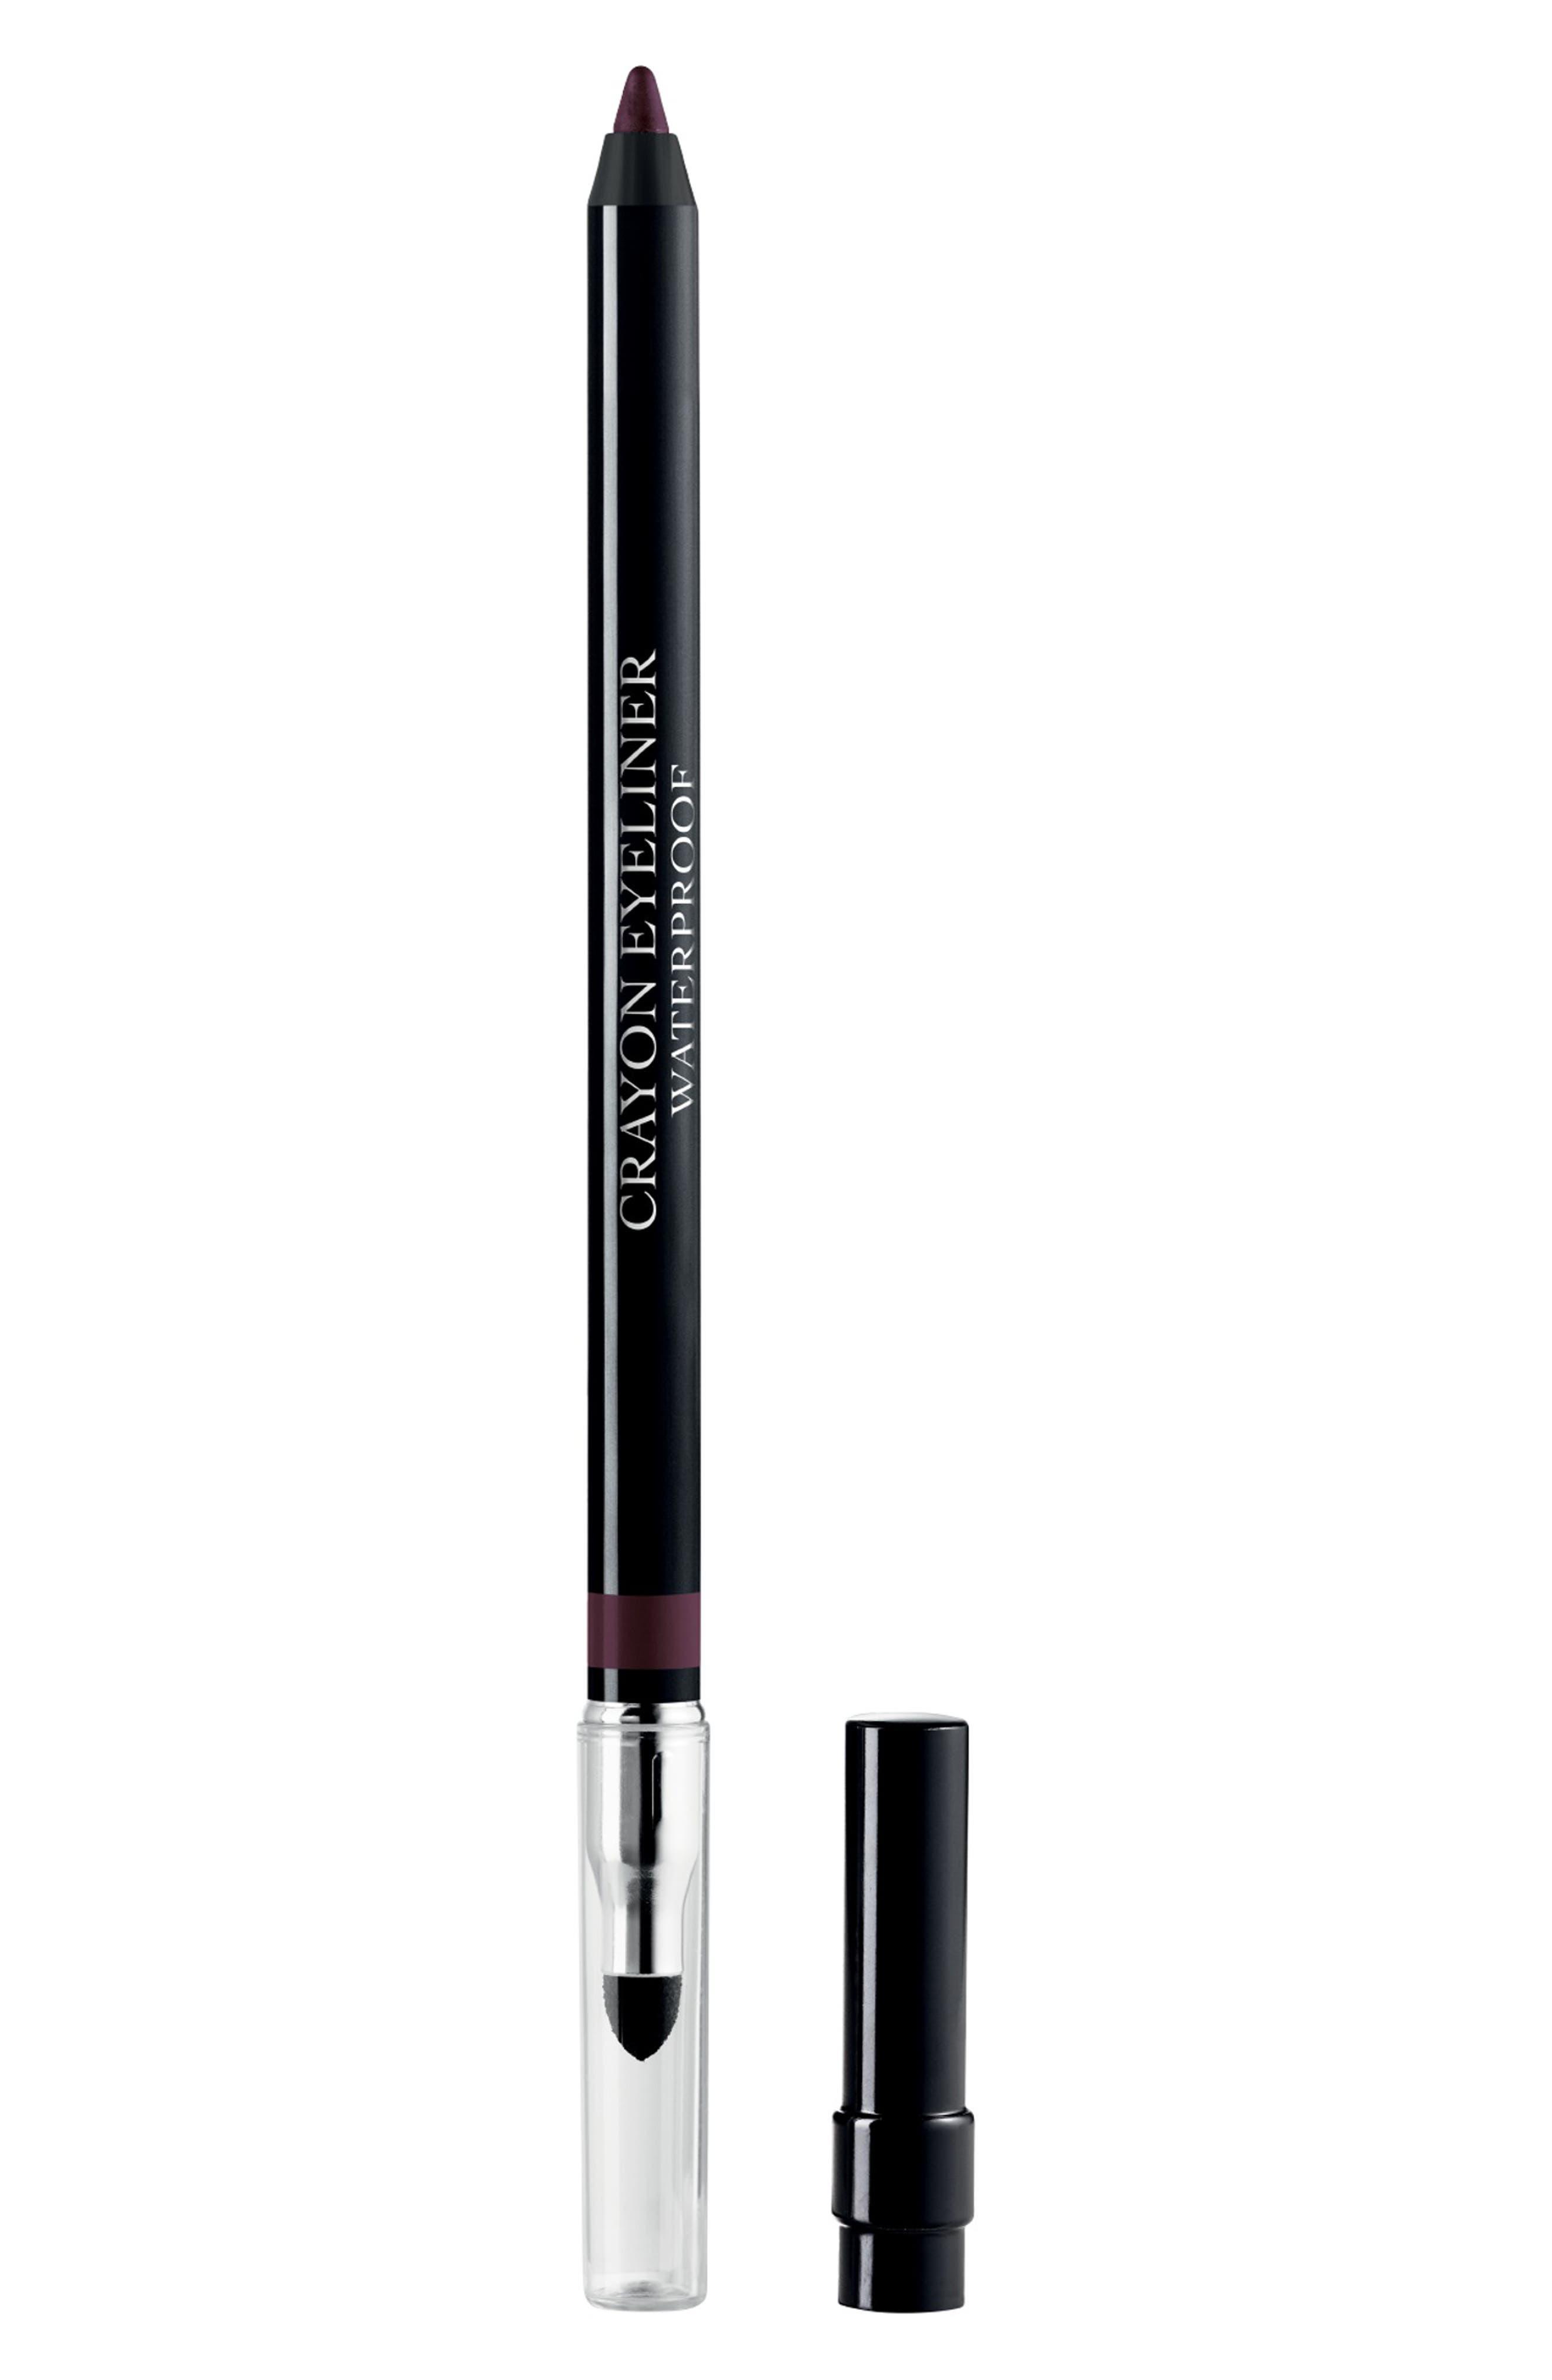 Dior Long-Wear Waterproof Eyeliner Pencil - 774 Plum